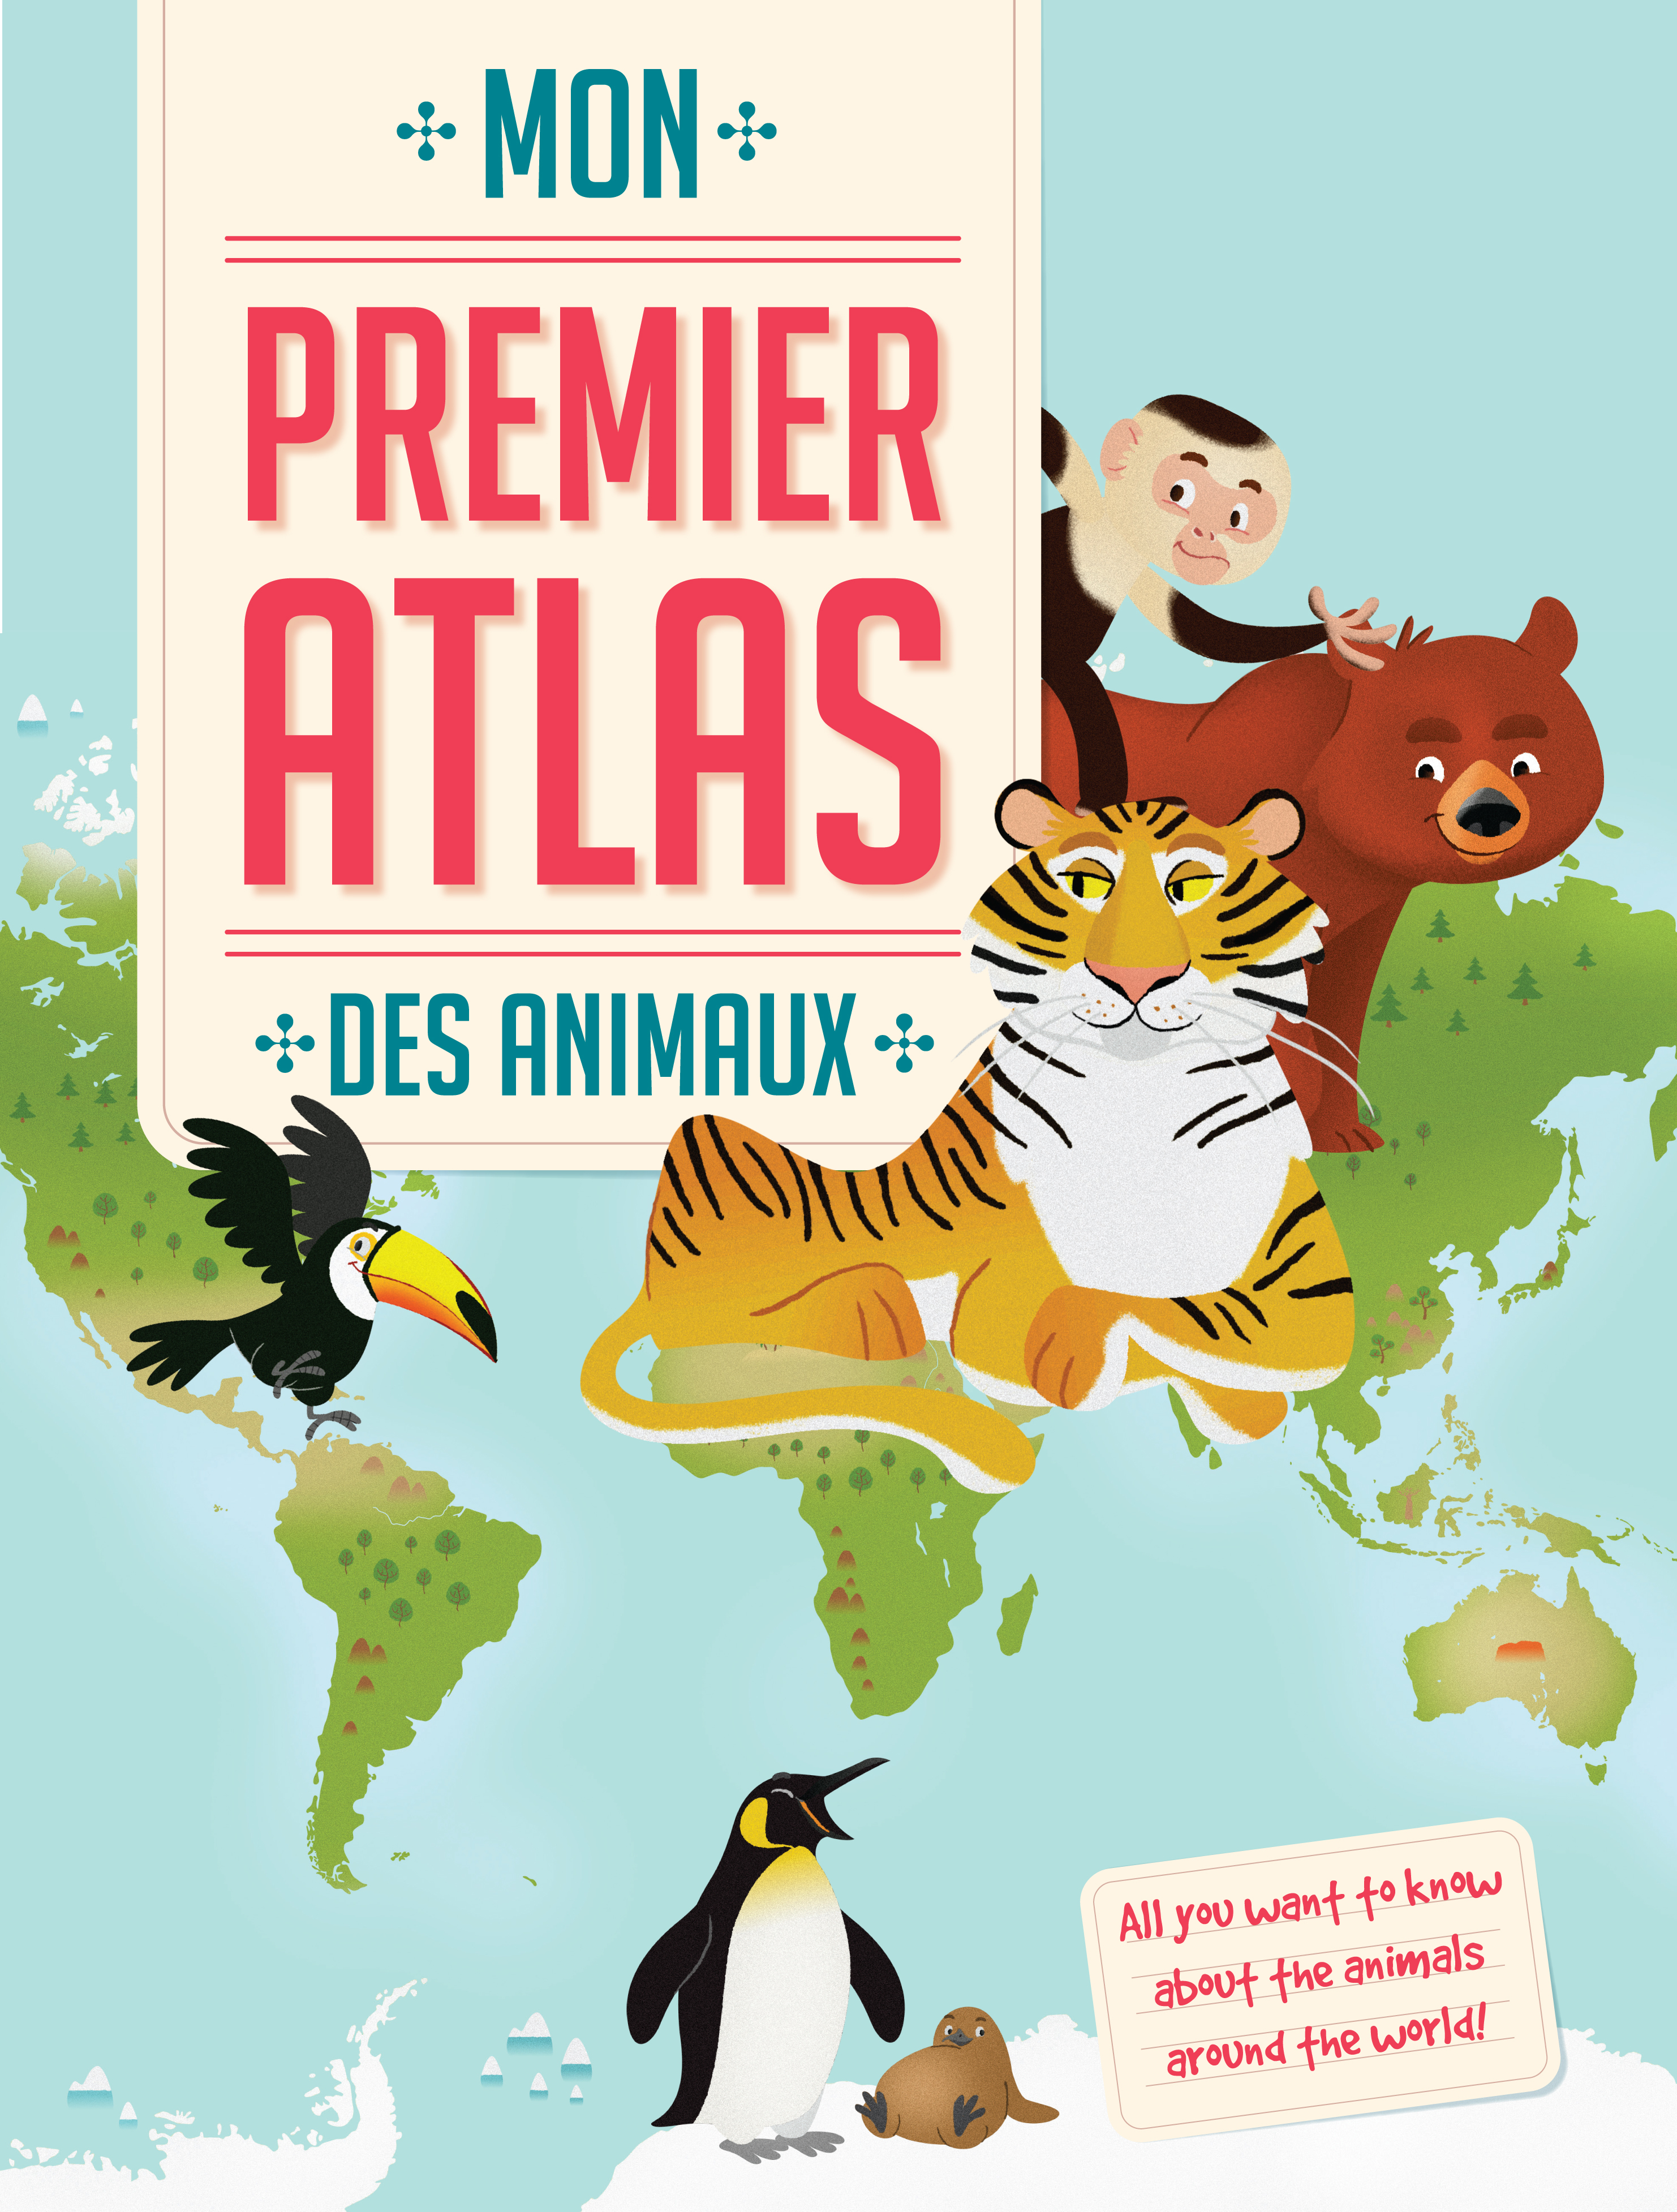 PREMIER ATLAS DES ANIMAUX (DES)